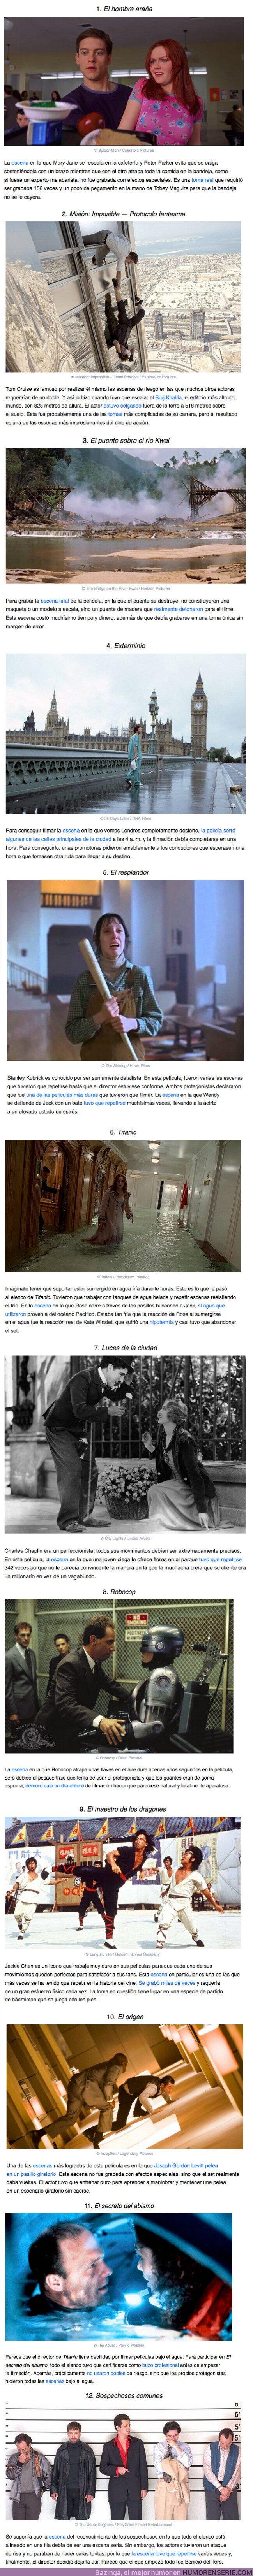 57323 - GALERÍA: 12 Escenas de películas tan complejas de grabar que se convirtieron en un verdadero desafío para los actores